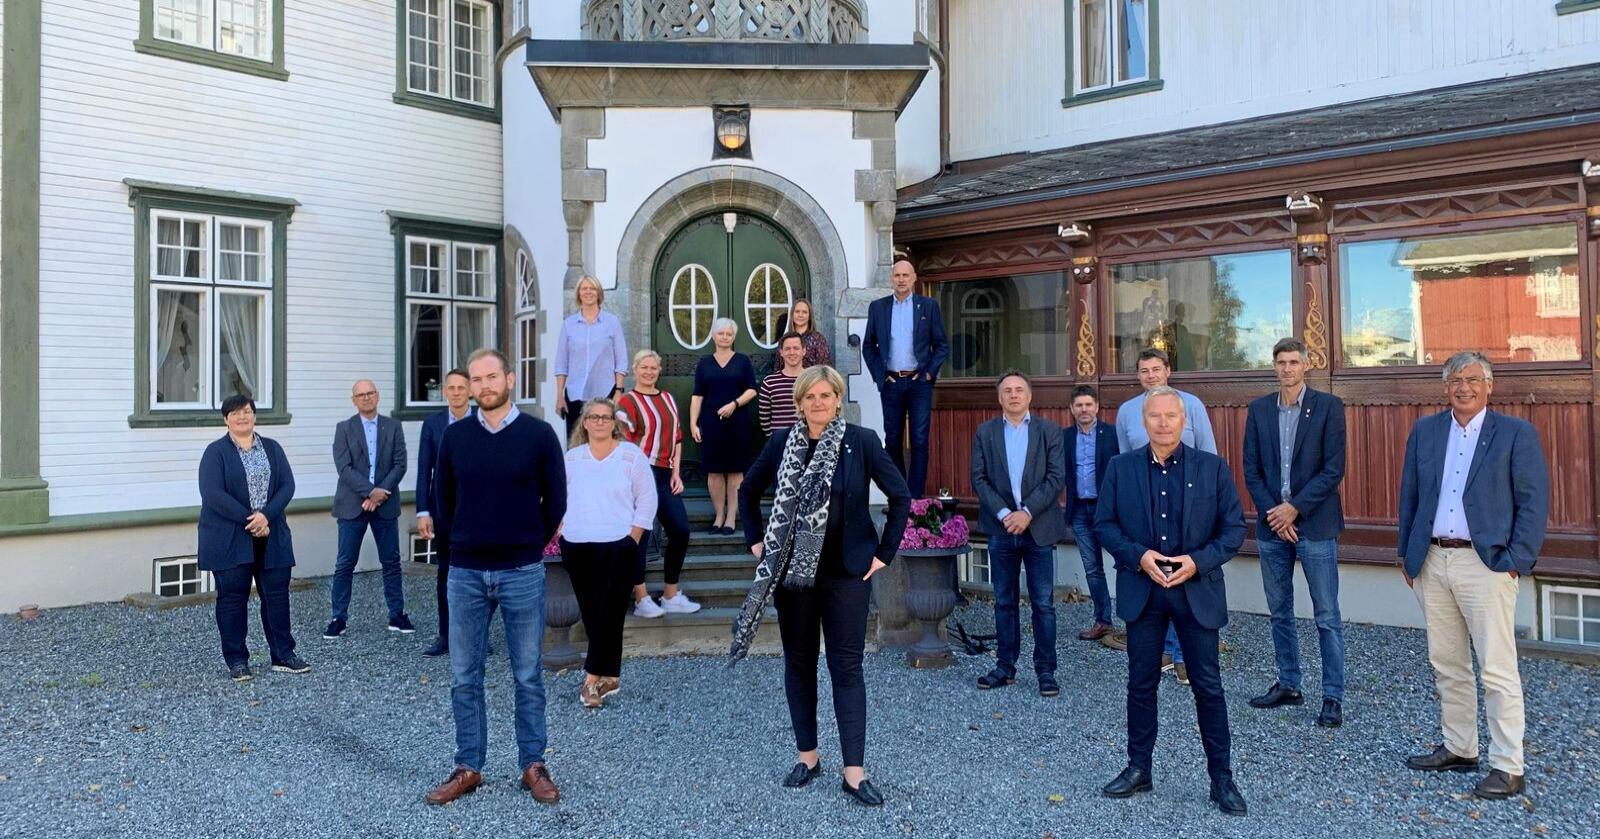 Samtlige ordførere i Trøndelag er kommet med en felles uttalelse. Foran står Isak Veierud Busch fra Røros (Ap), Anne Berit Lein fra Steinkjer (Sp) og Frode Revhaug fra Frosta (H). Foto: KS Trøndelag